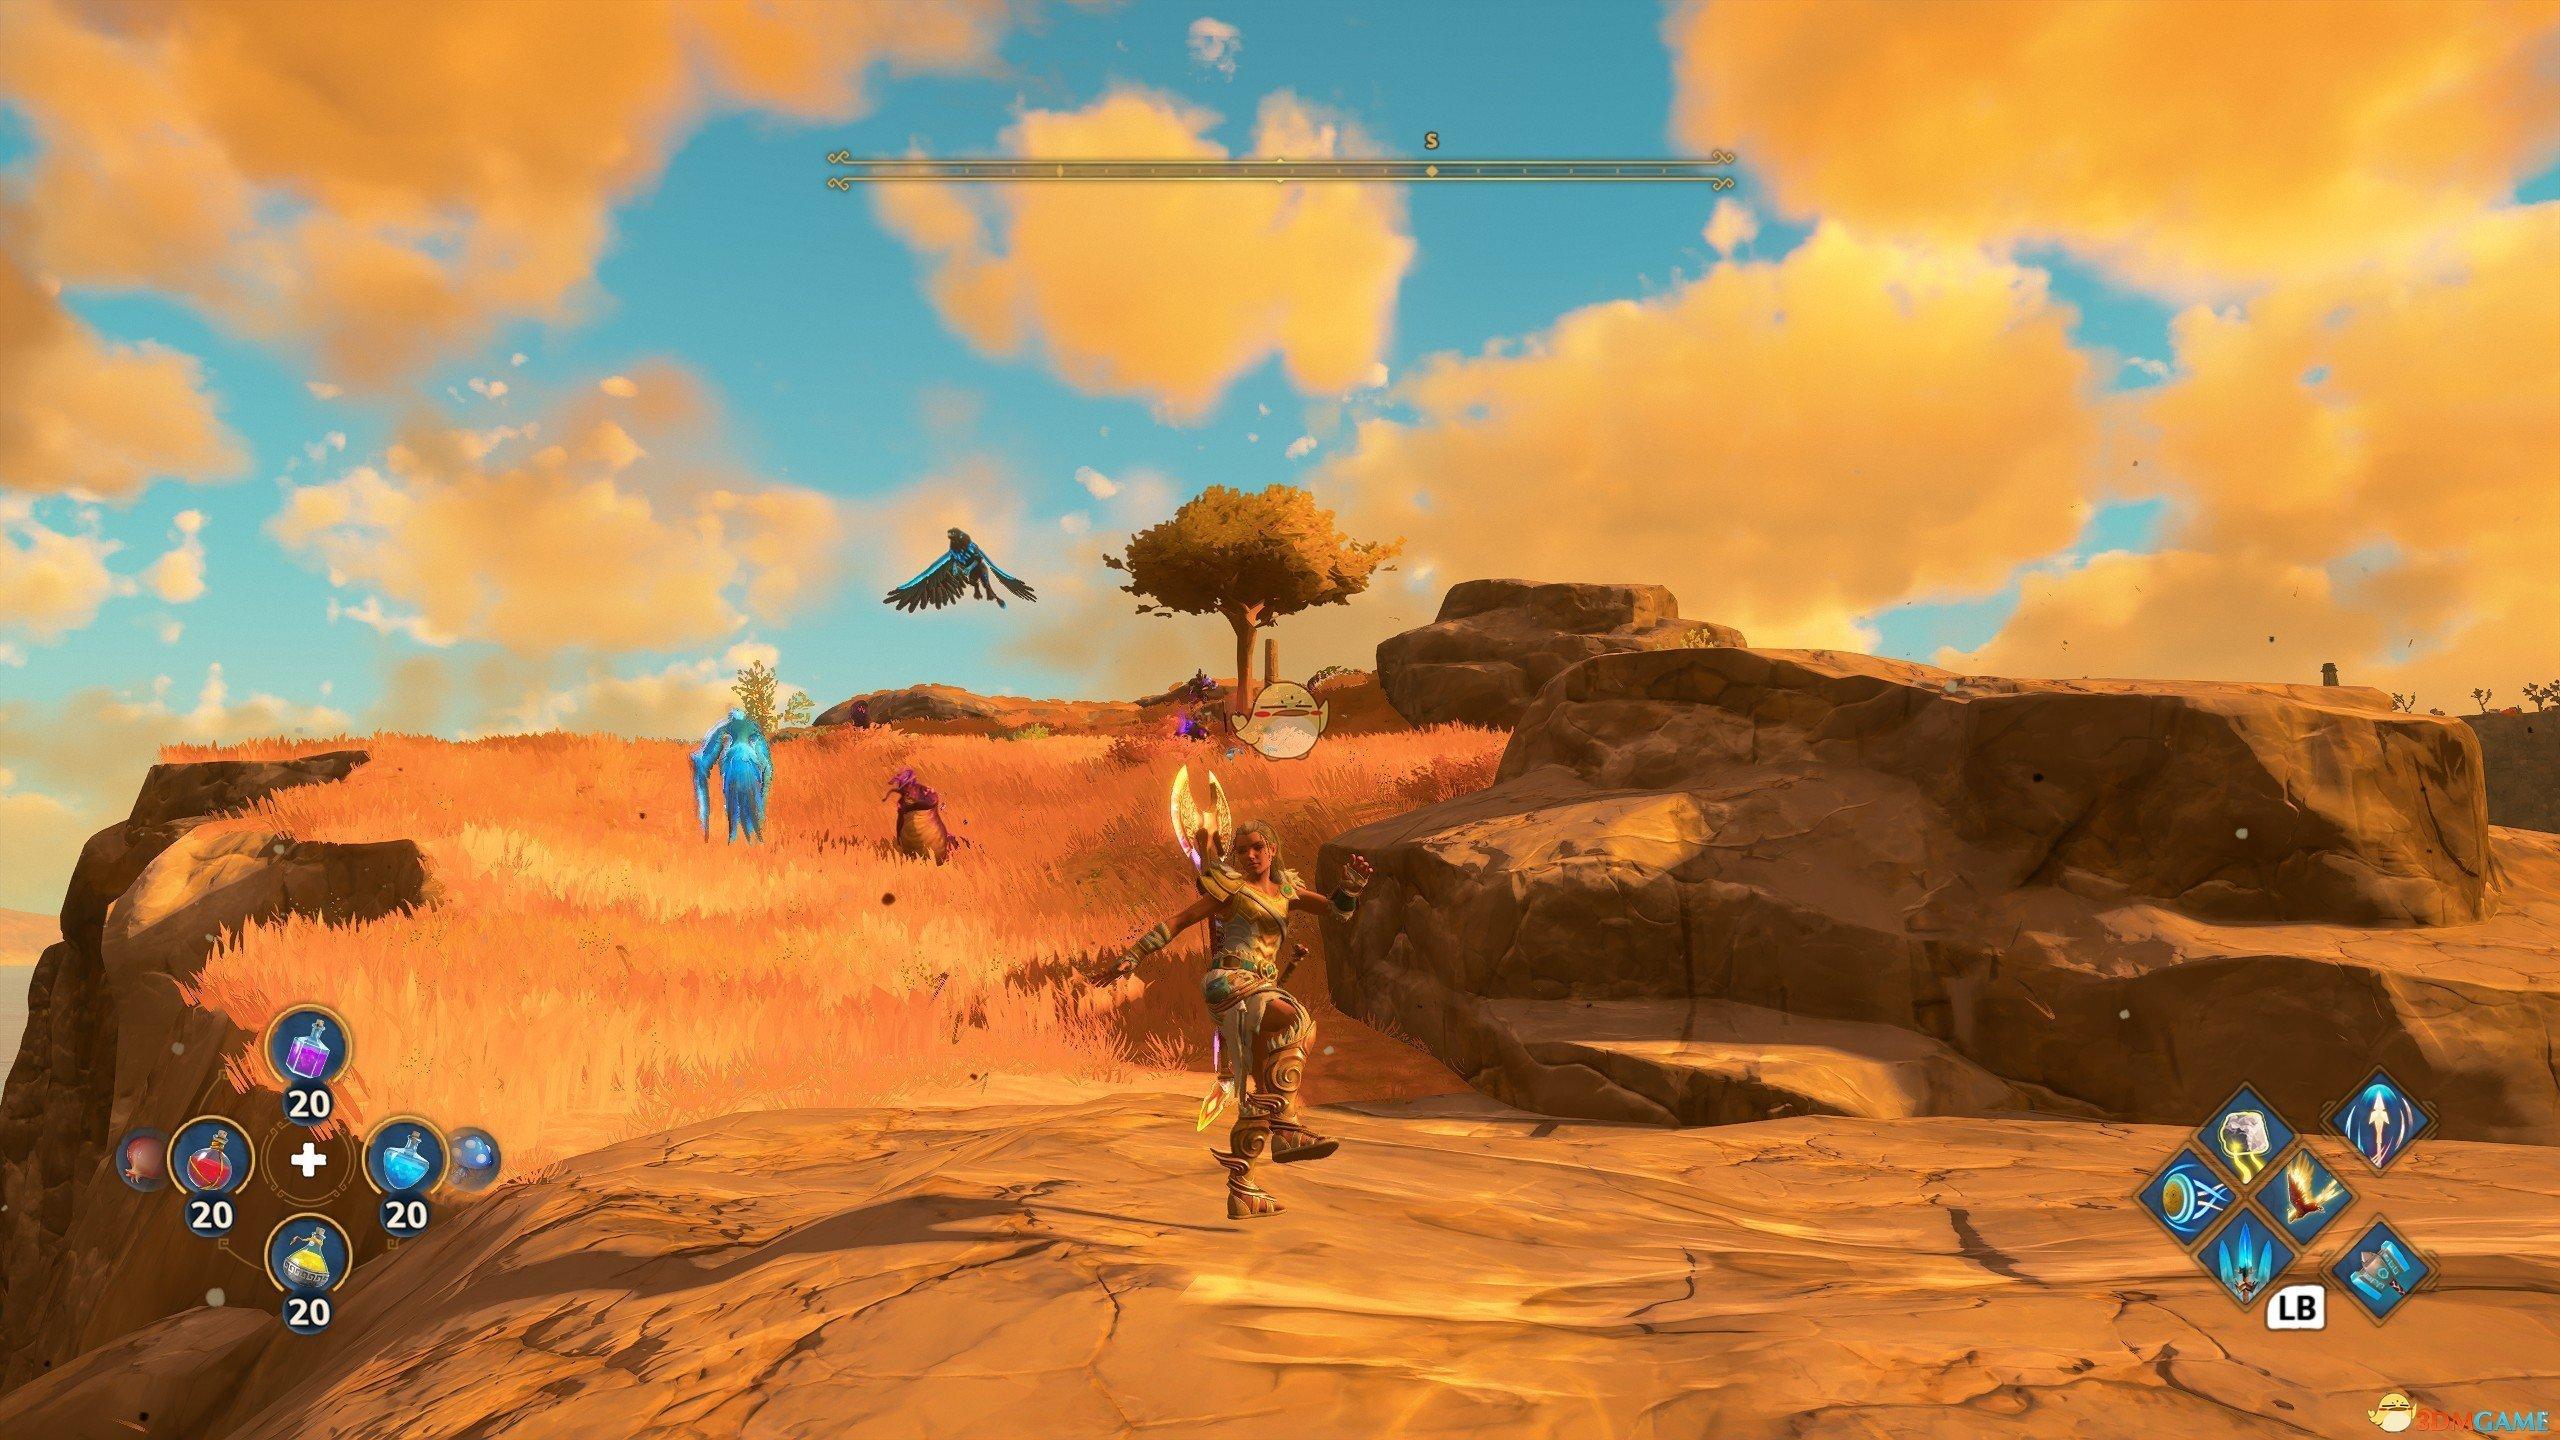 《渡神纪:芬尼斯崛起》坐骑紫色鹿刷新位置一览